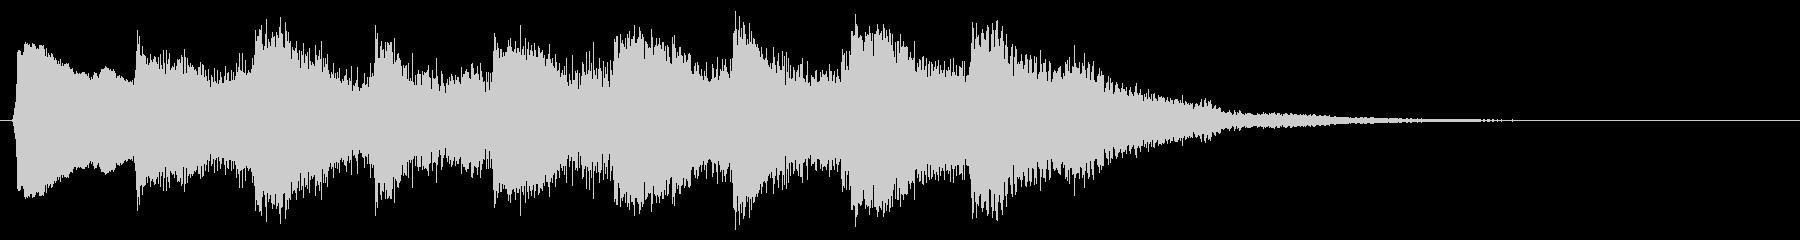 8bit ゲームクリア 完了 達成音の未再生の波形